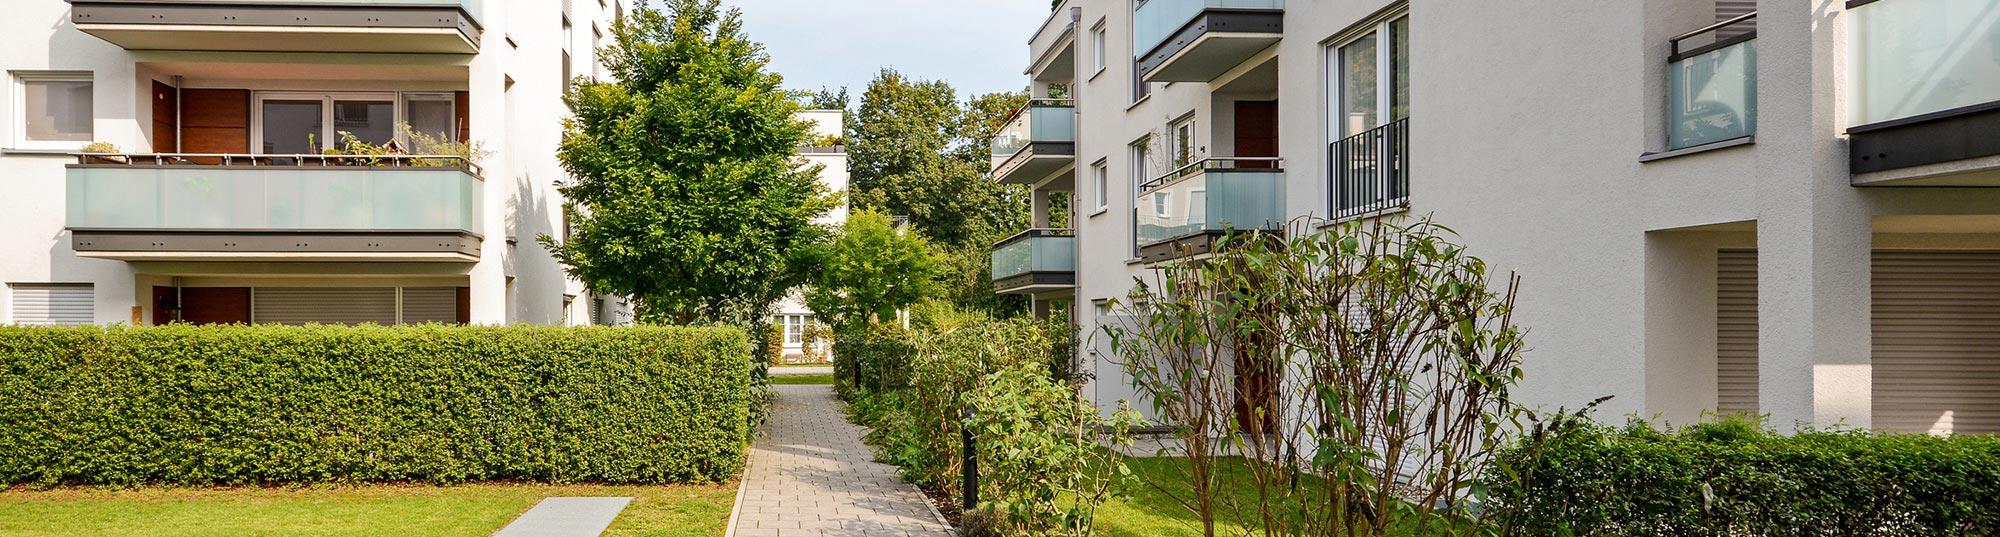 Immobilienverwaltung Bonn, Köln, Rhein-Sieg Kreis